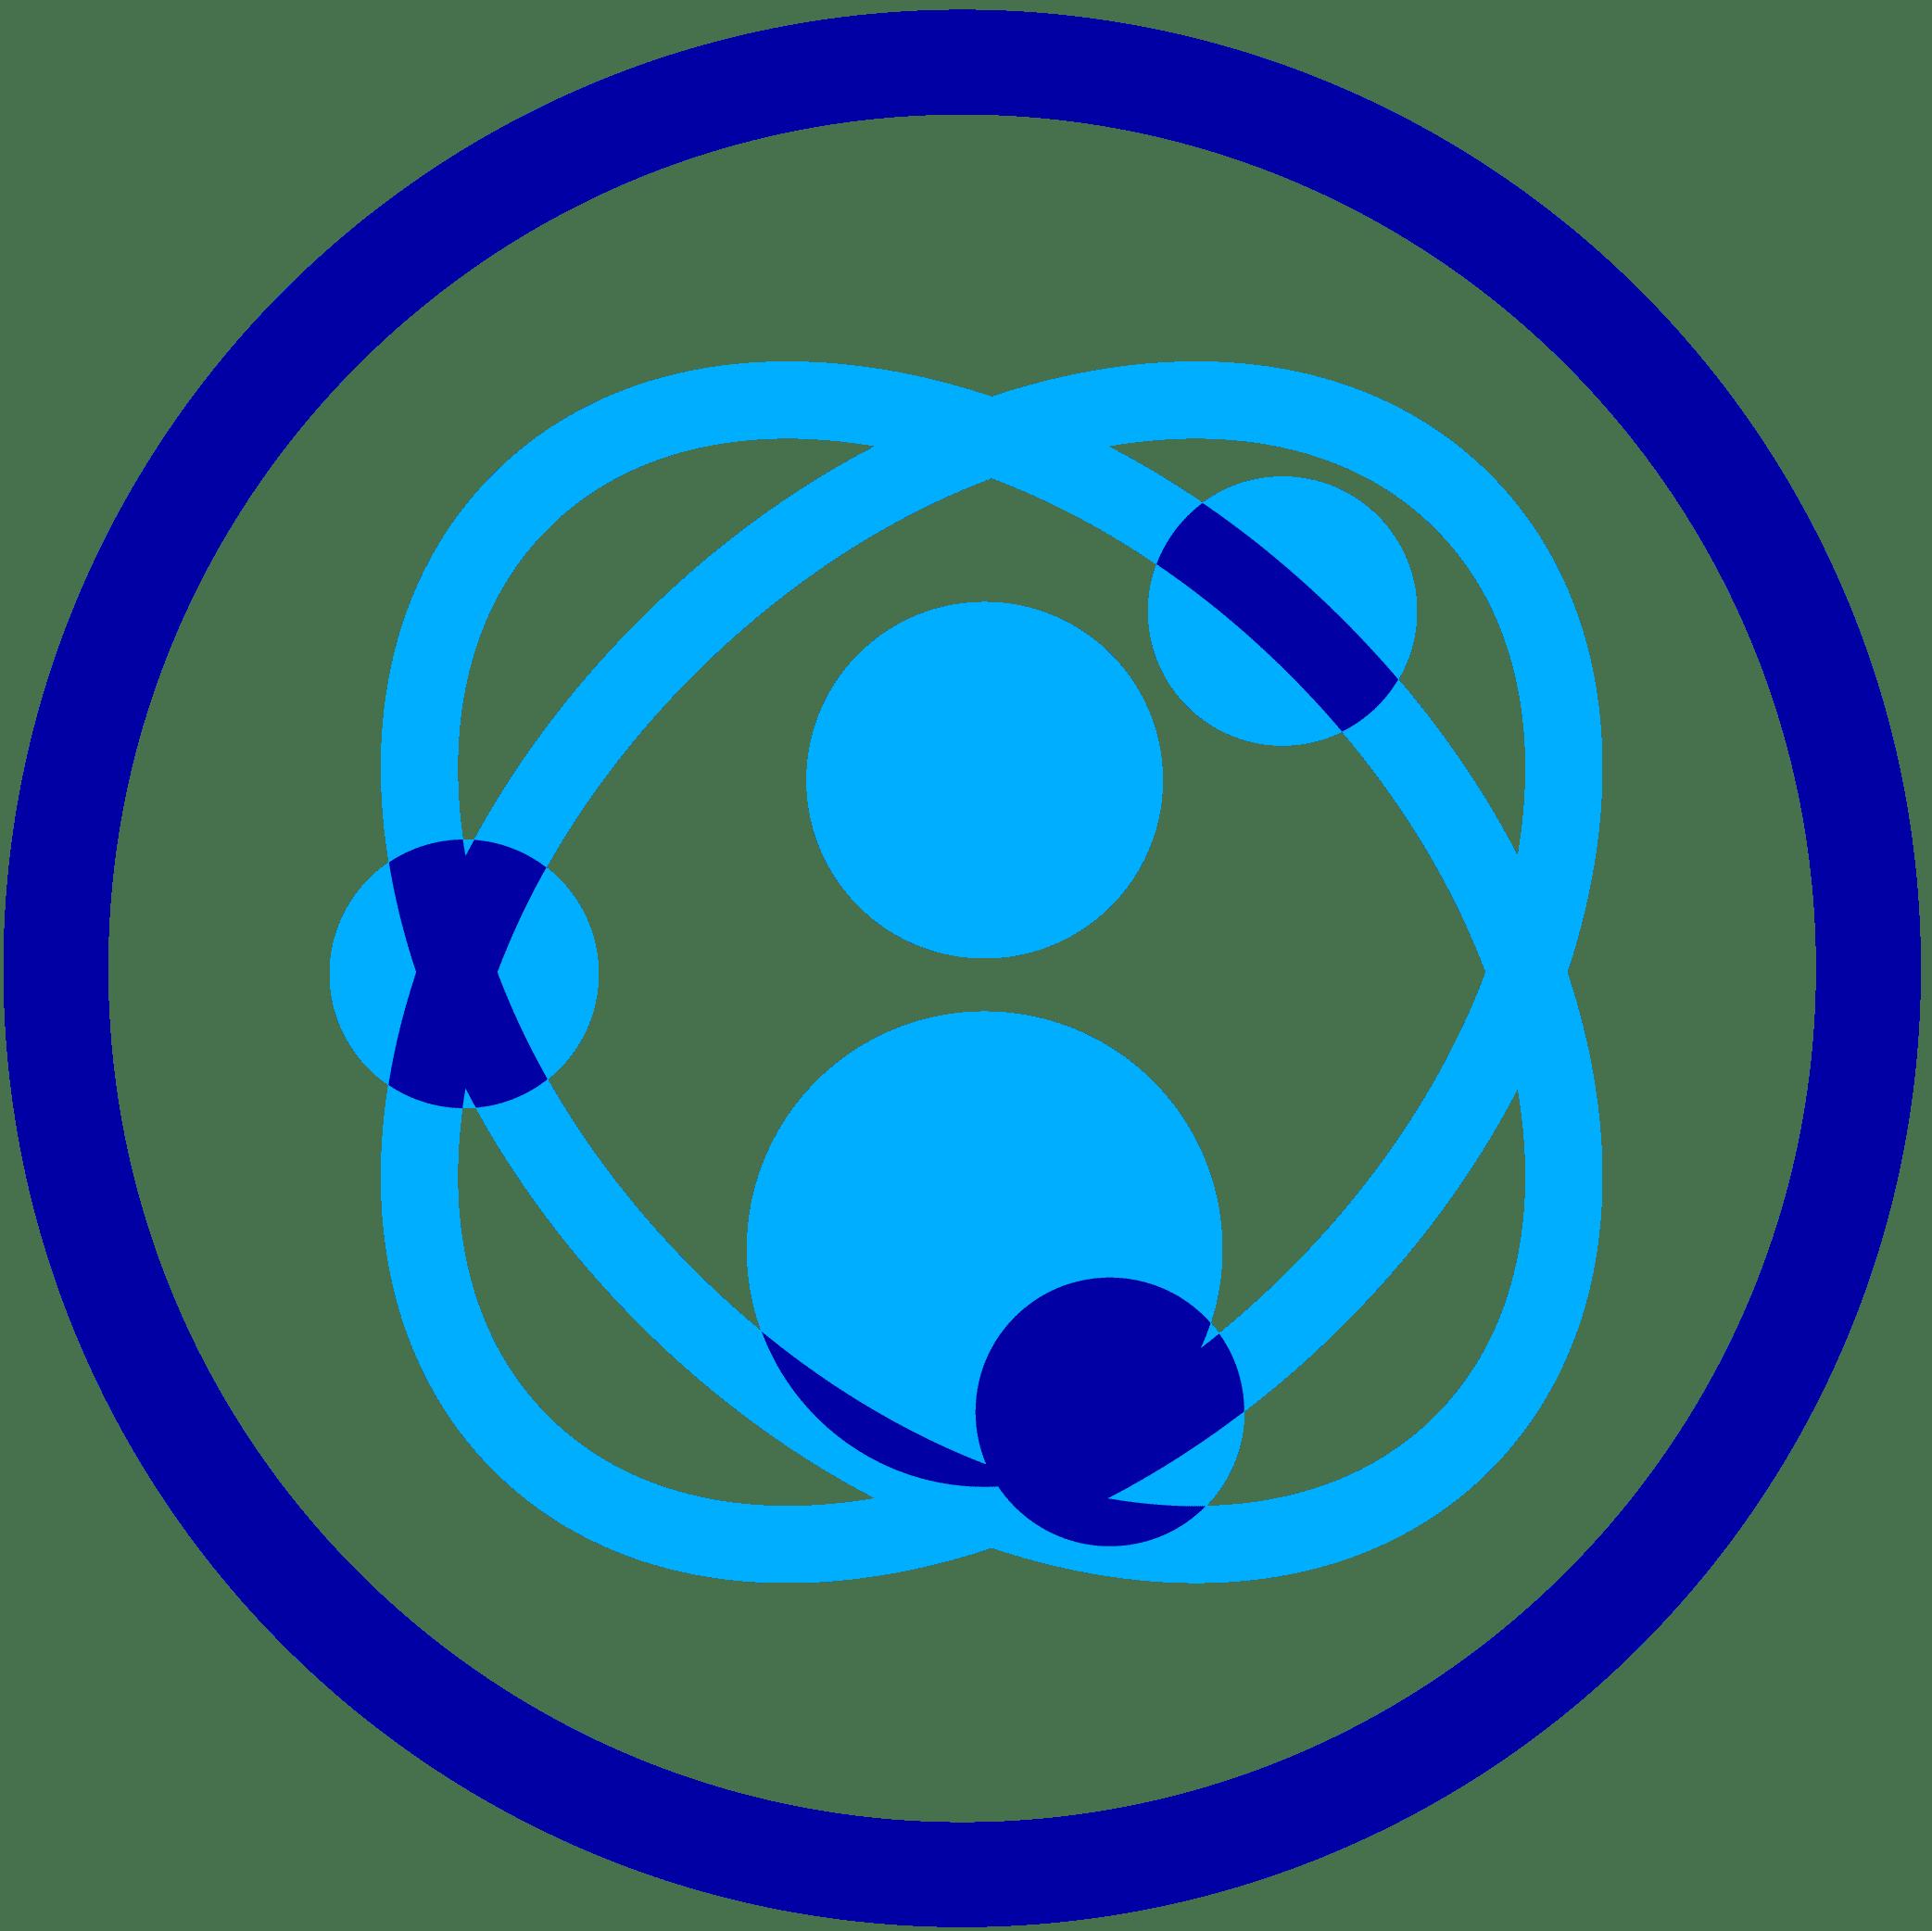 https://es.fi-group.com/wp-content/uploads/sites/4/2021/10/blue-icons-set_1-55-1.png